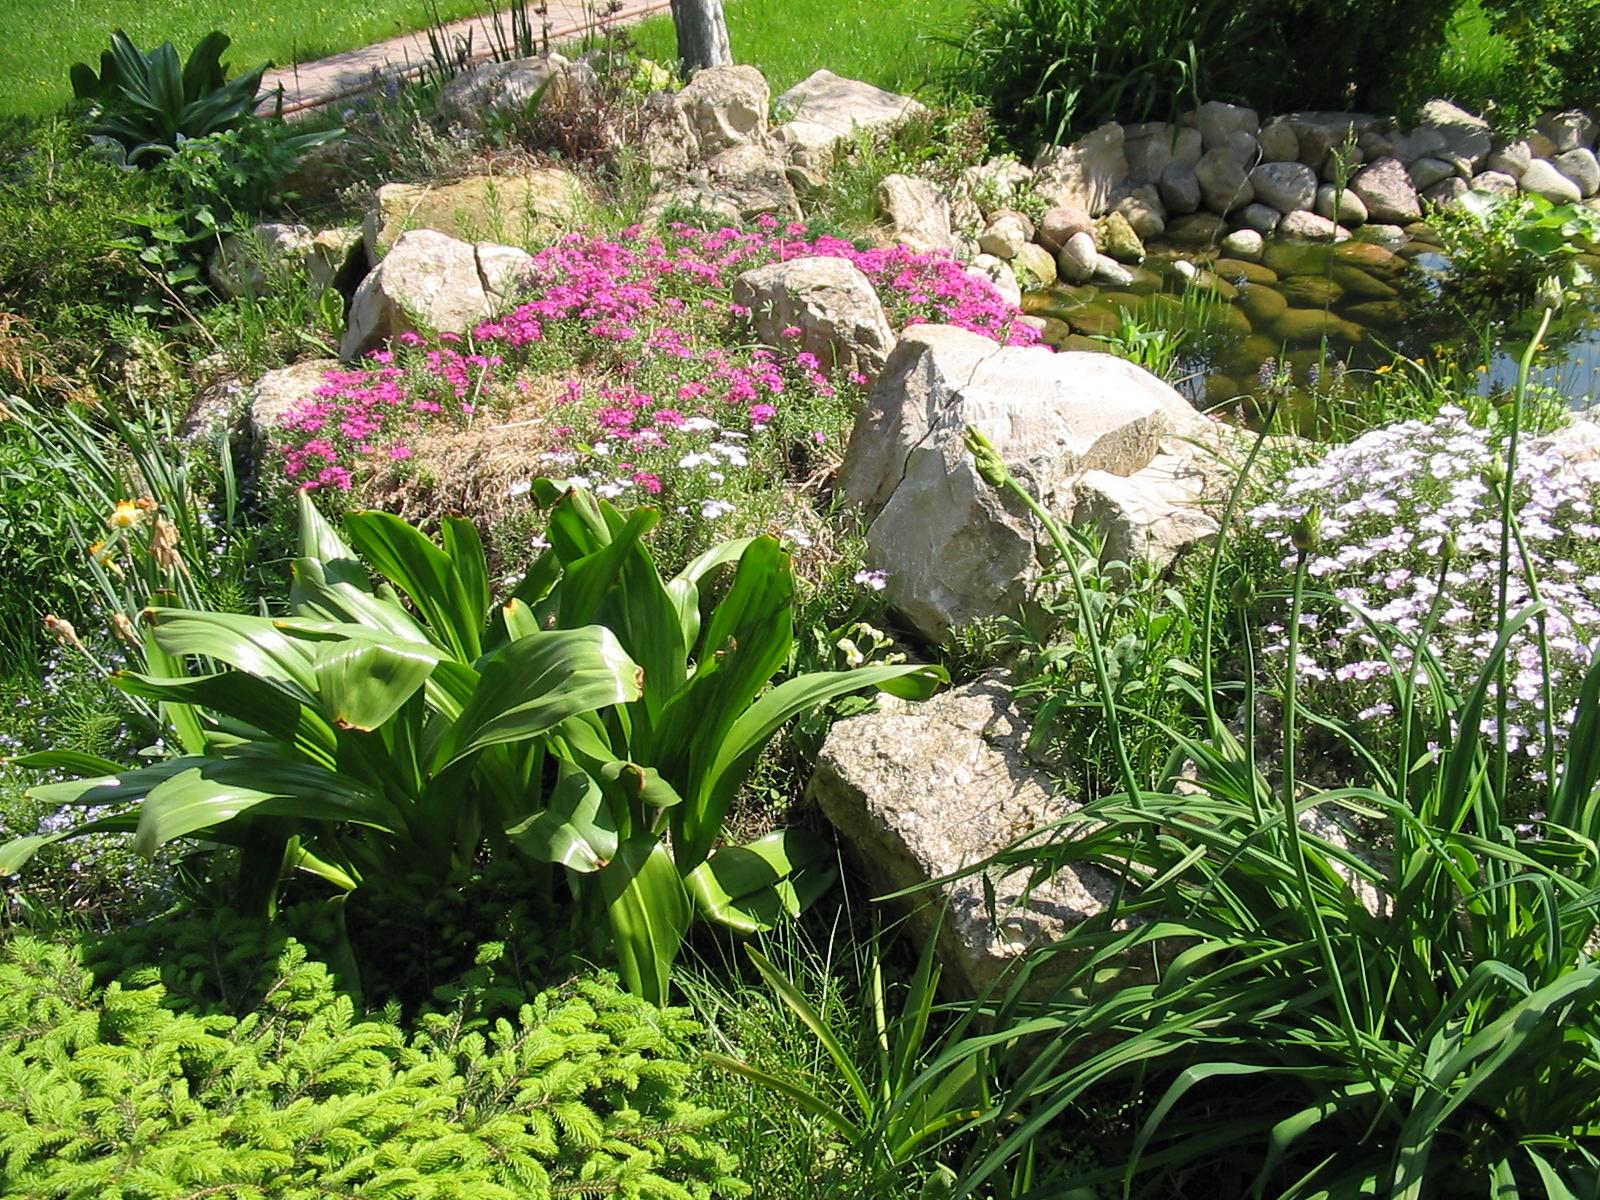 Названия цветов и растения для альпийской горки, рокария и